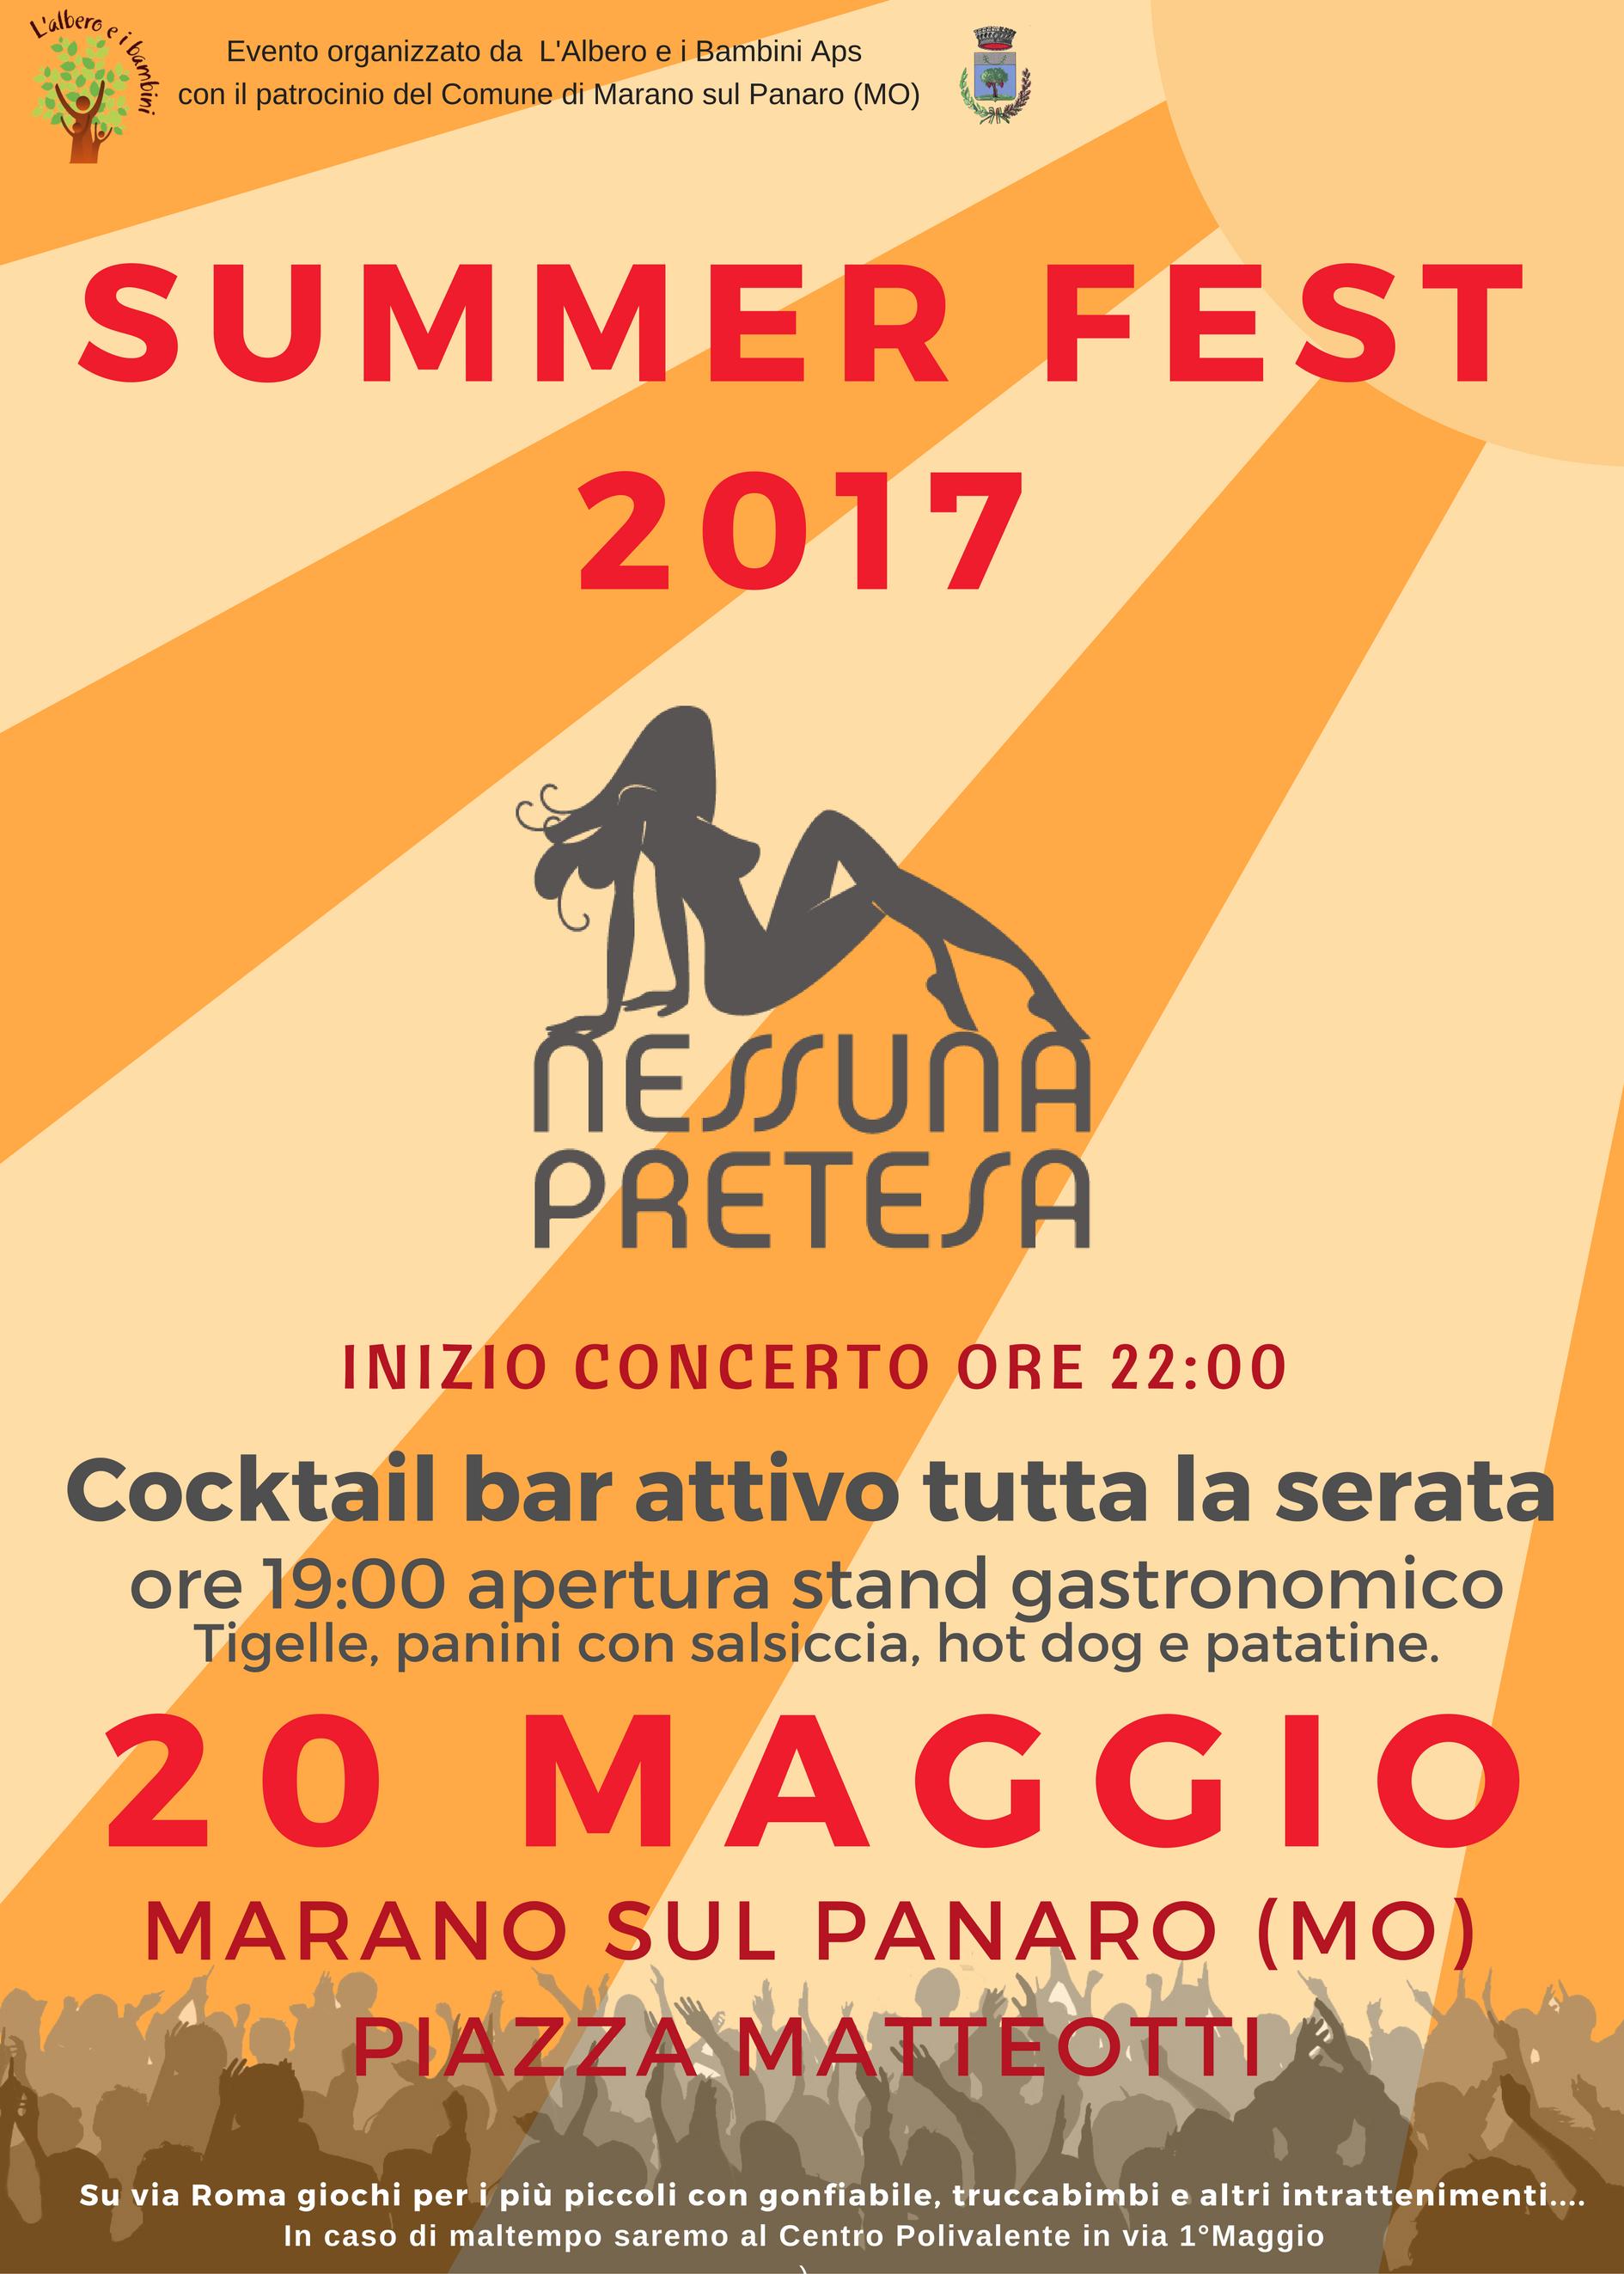 SUMMER FEST 2017